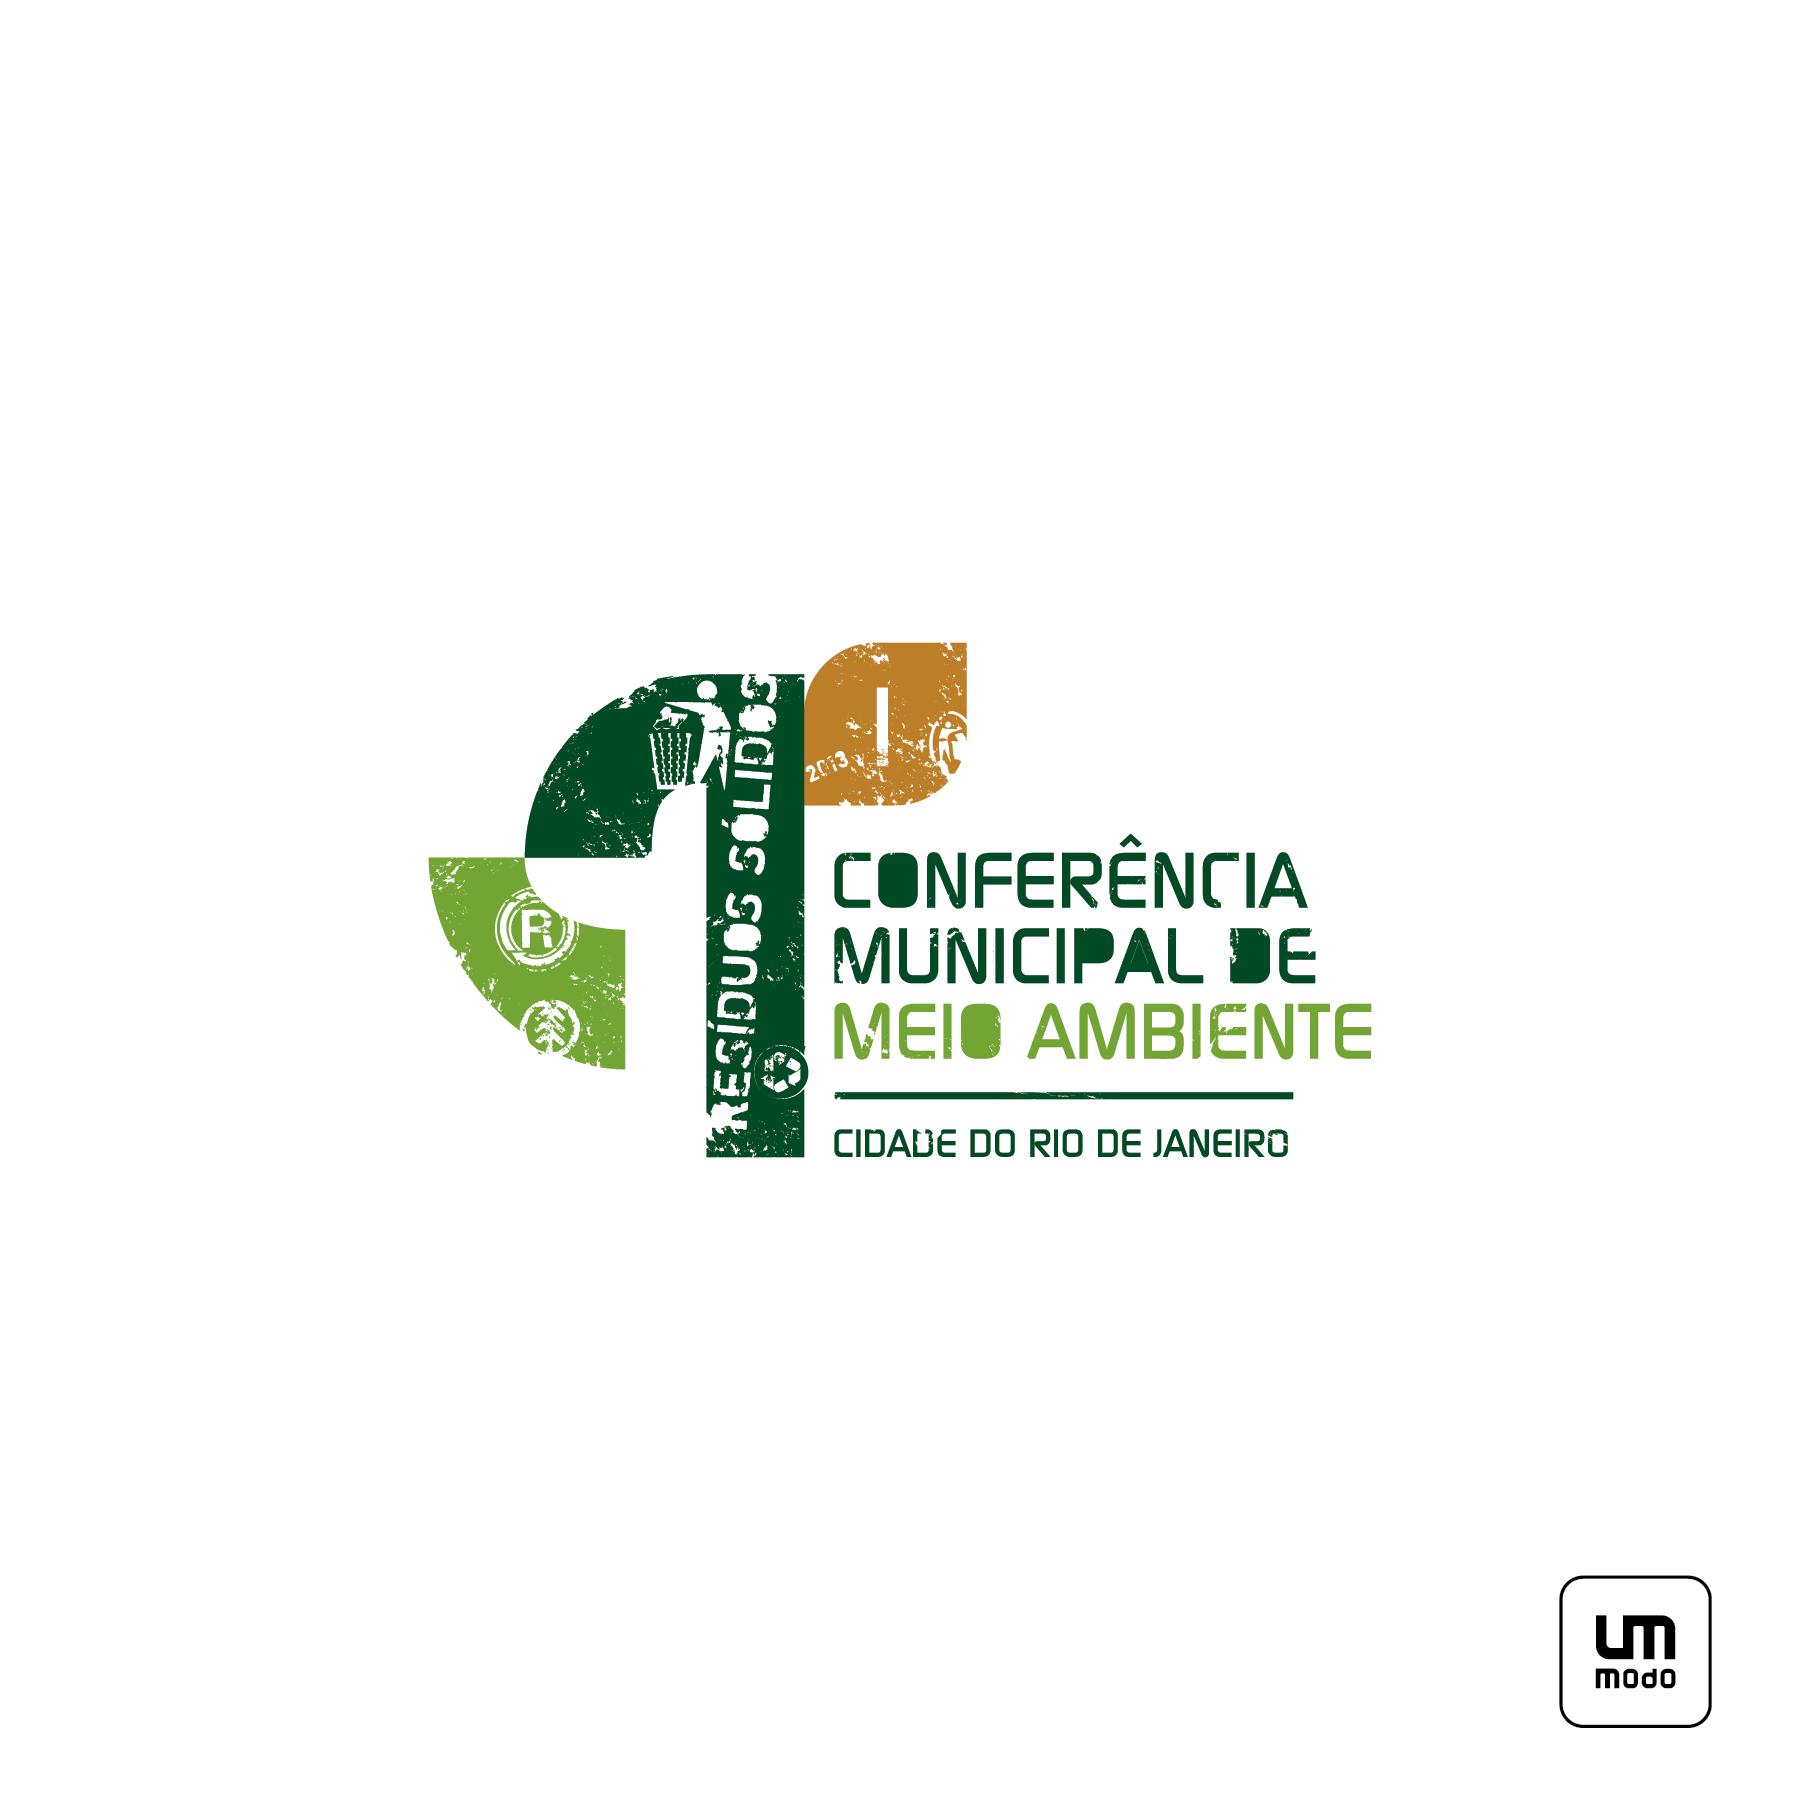 CONFERÊNCIA DE MEIO AMBIENTE